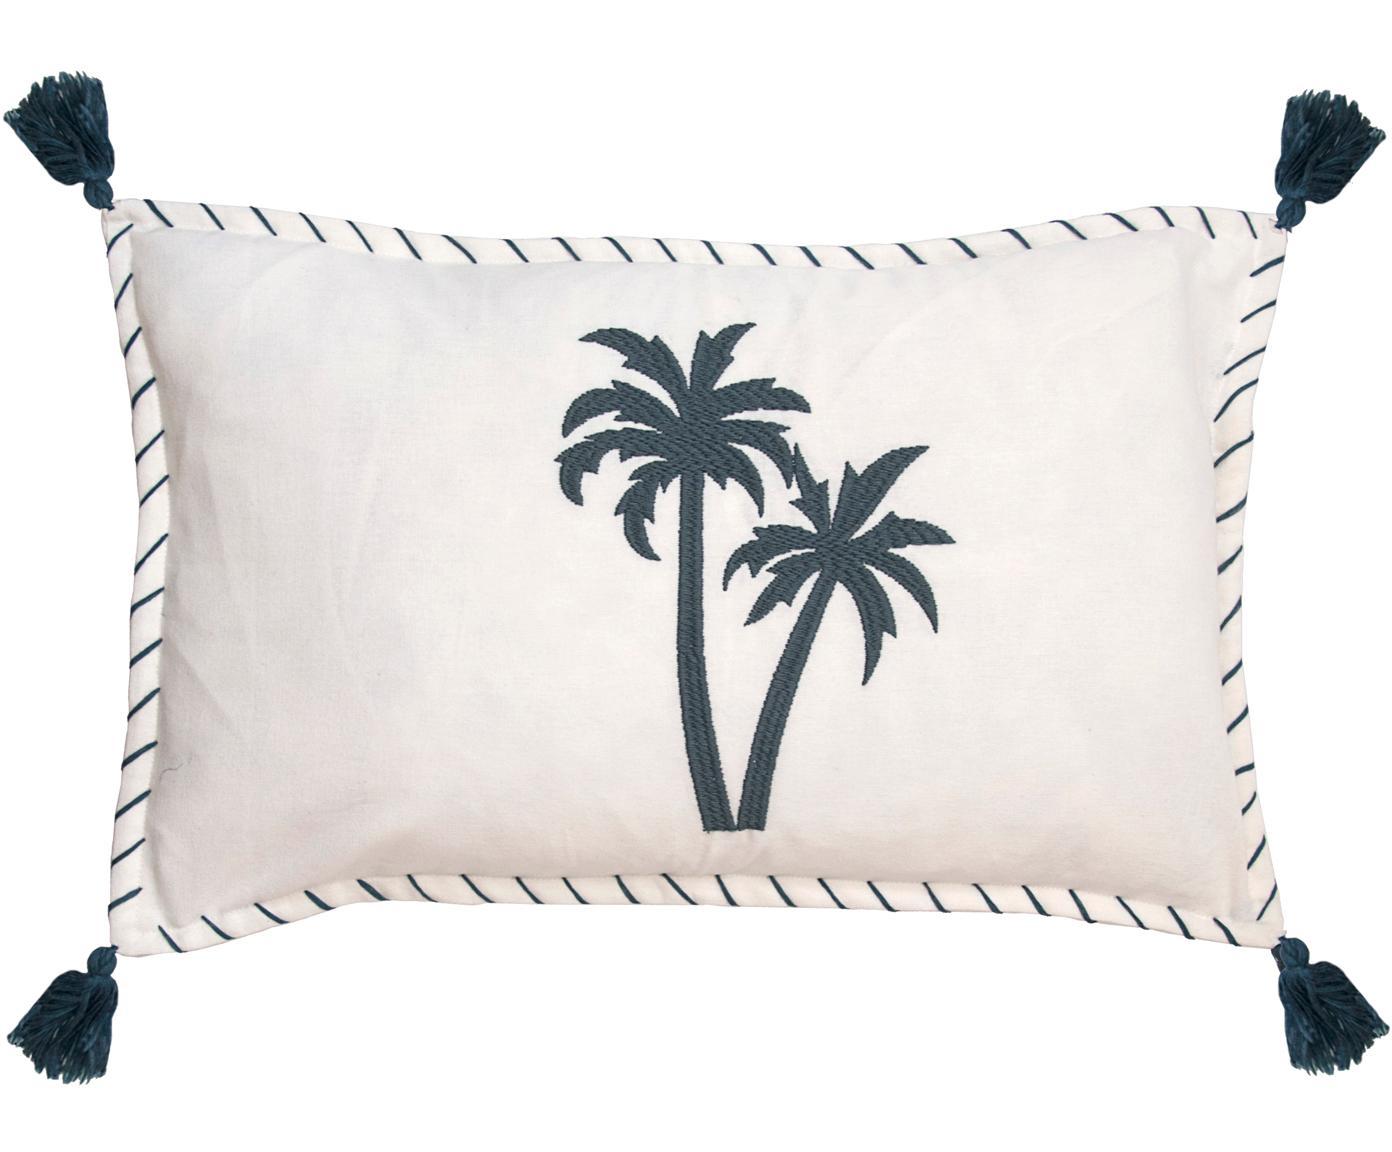 Kussenhoes Bali met palmen borduurwerk en kwastjes, Katoen, Wit, marineblauw, 30 x 50 cm